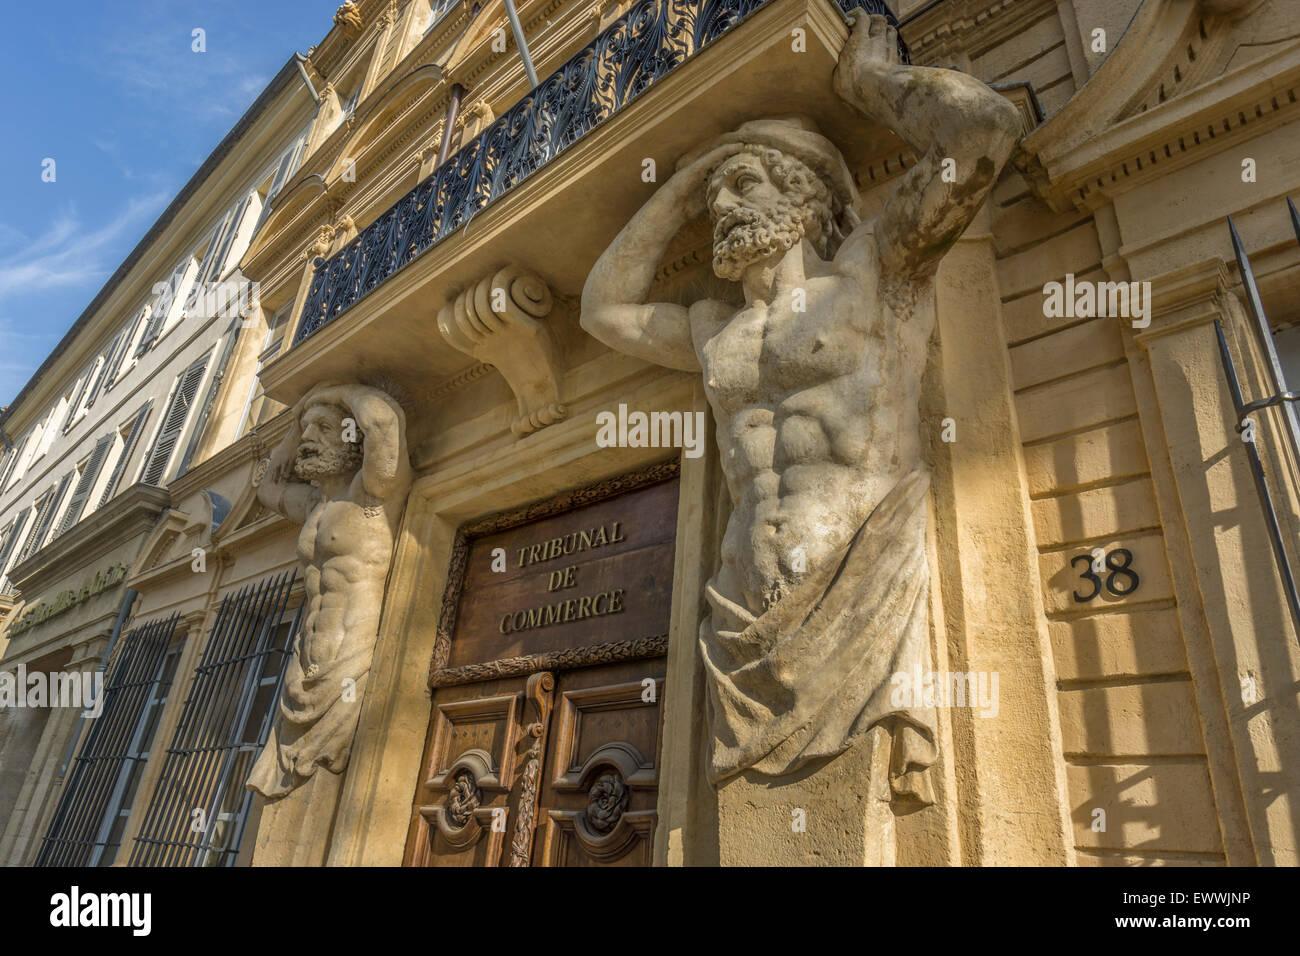 Dorway with caryatids, Tribunal de Commerce, Atlas Figures,   Cours Mirabeau, Aix-en-Provence, Bouches-du-Rhone Stock Photo